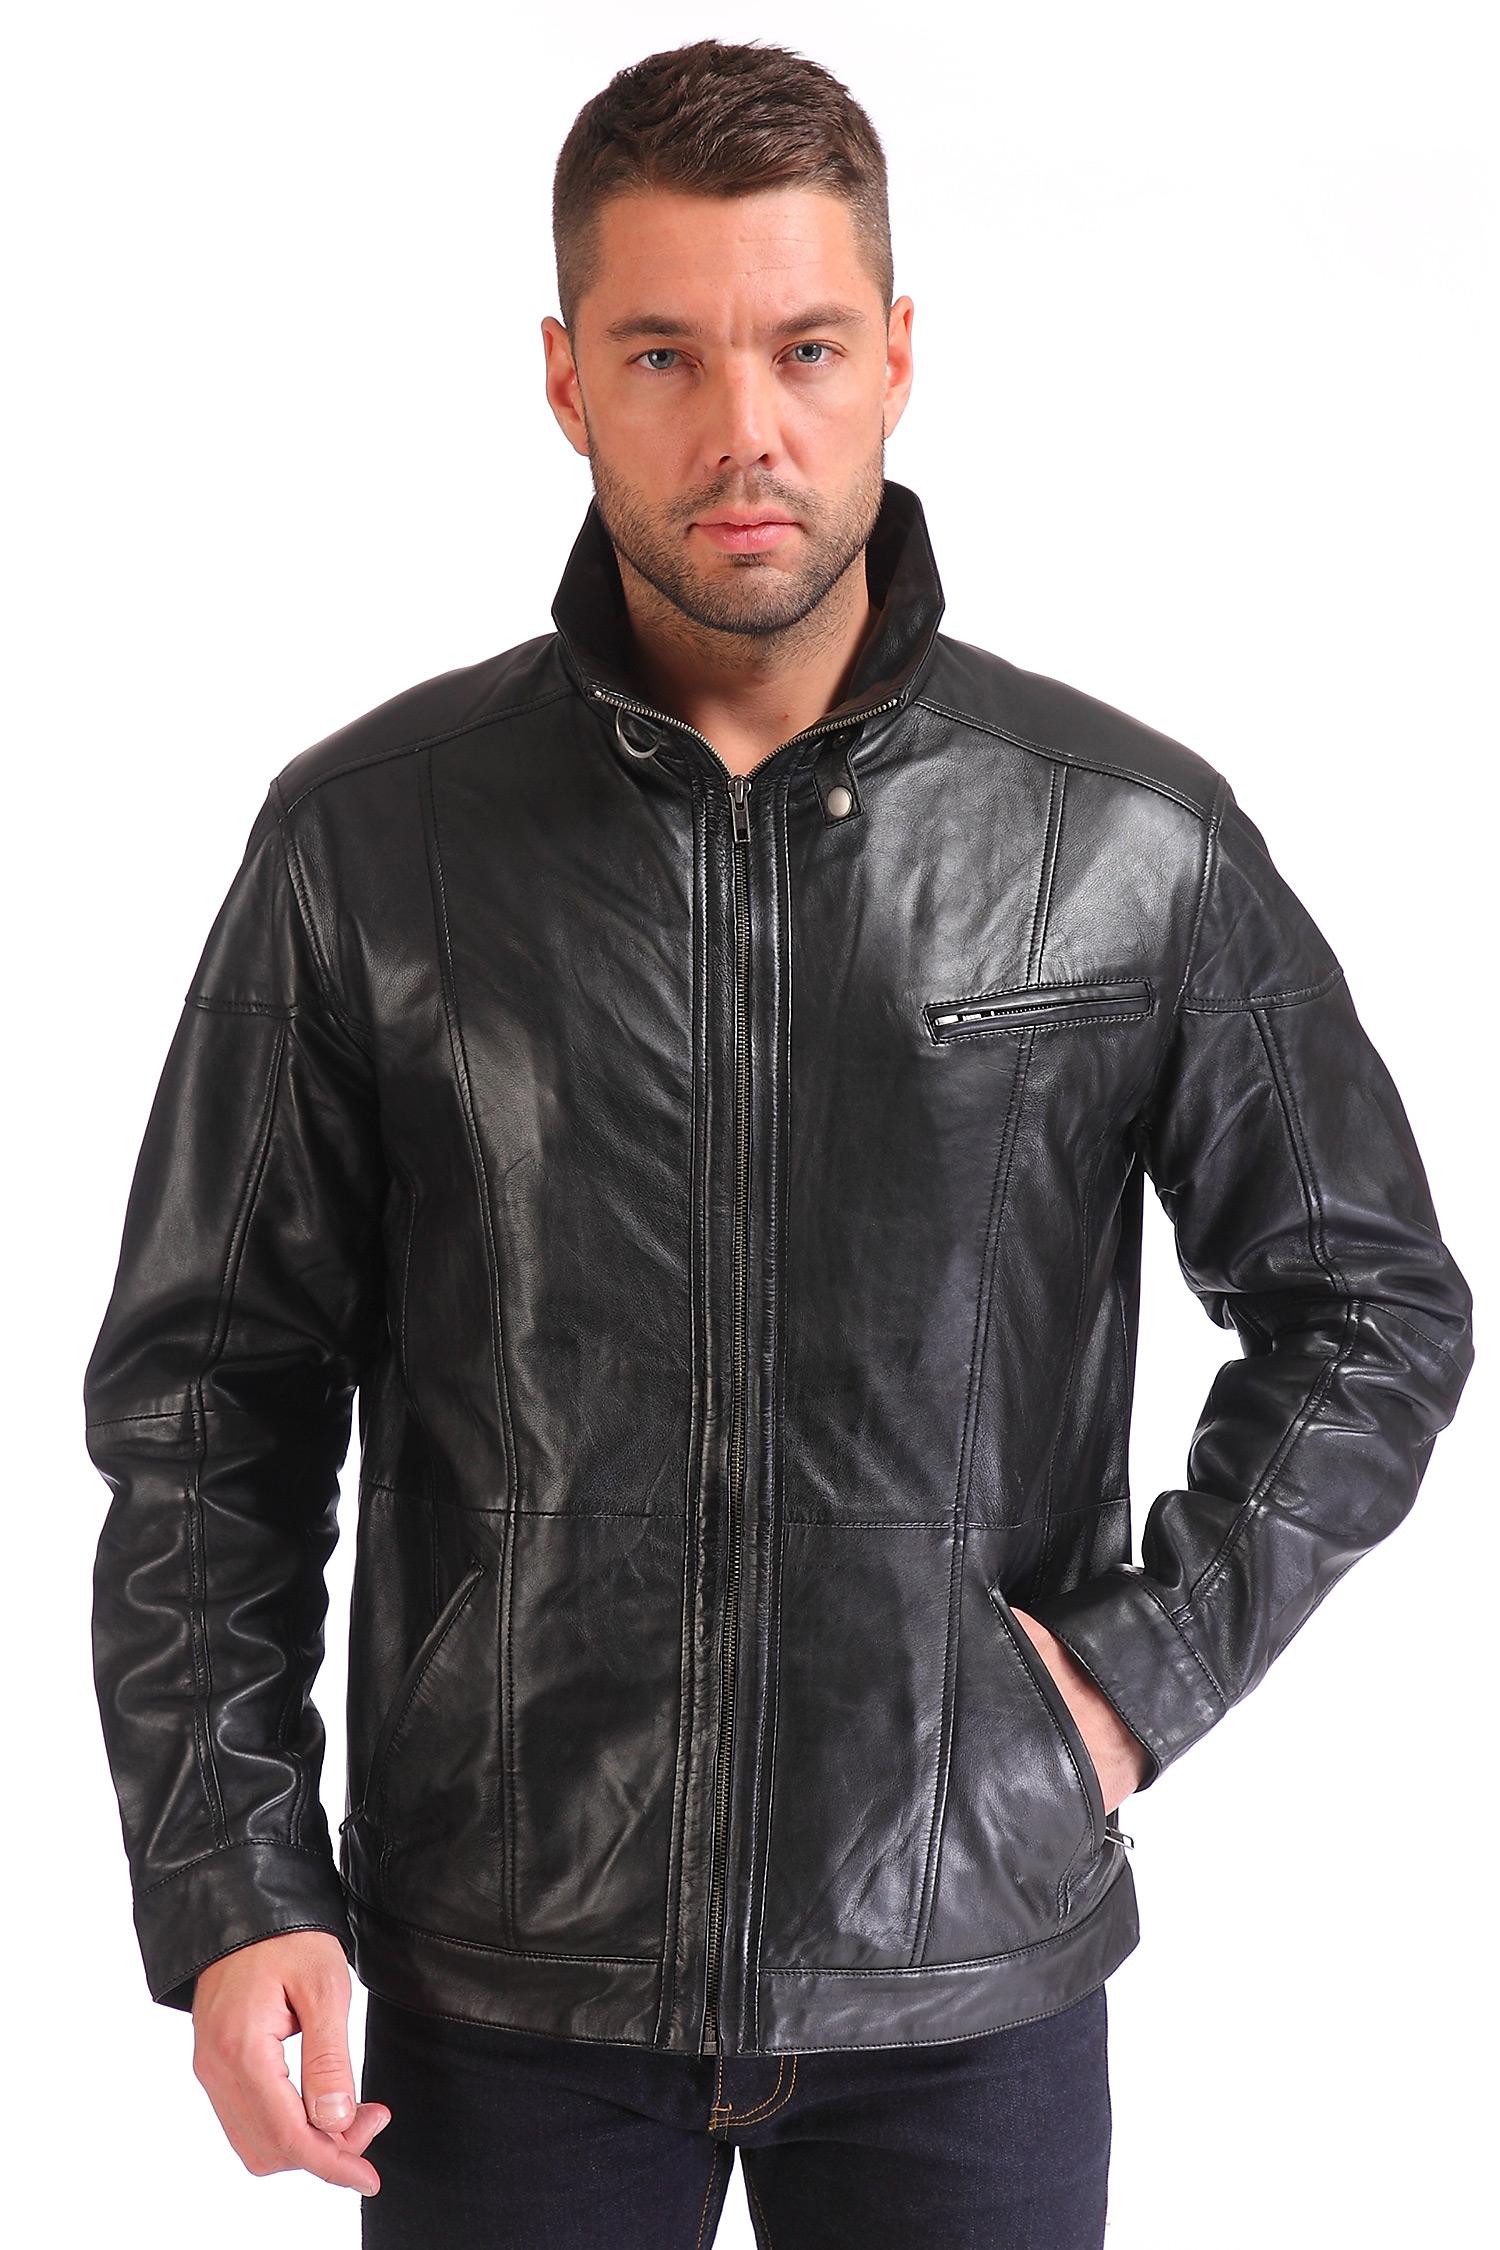 Мужская кожаная куртка из натуральной кожи с воротником, отделка искусственный мех<br><br>Воротник: без воротника<br>Длина см: Короткая (51-74 )<br>Материал: Кожа овчина<br>Цвет: черный<br>Пол: Мужской<br>Размер RU: 52-54